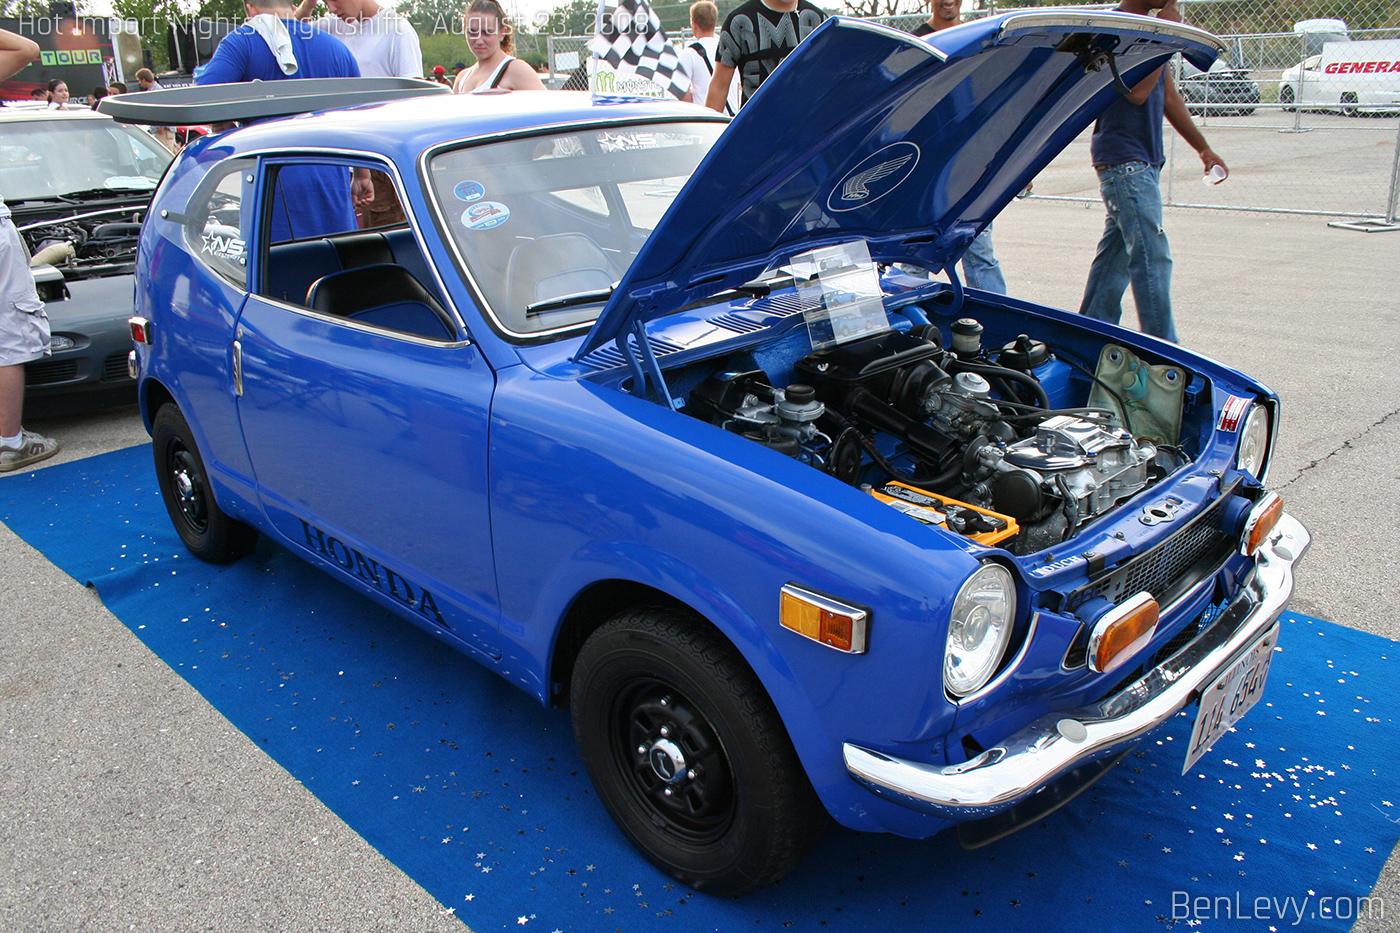 Blue Honda Cvcc Benlevy Com